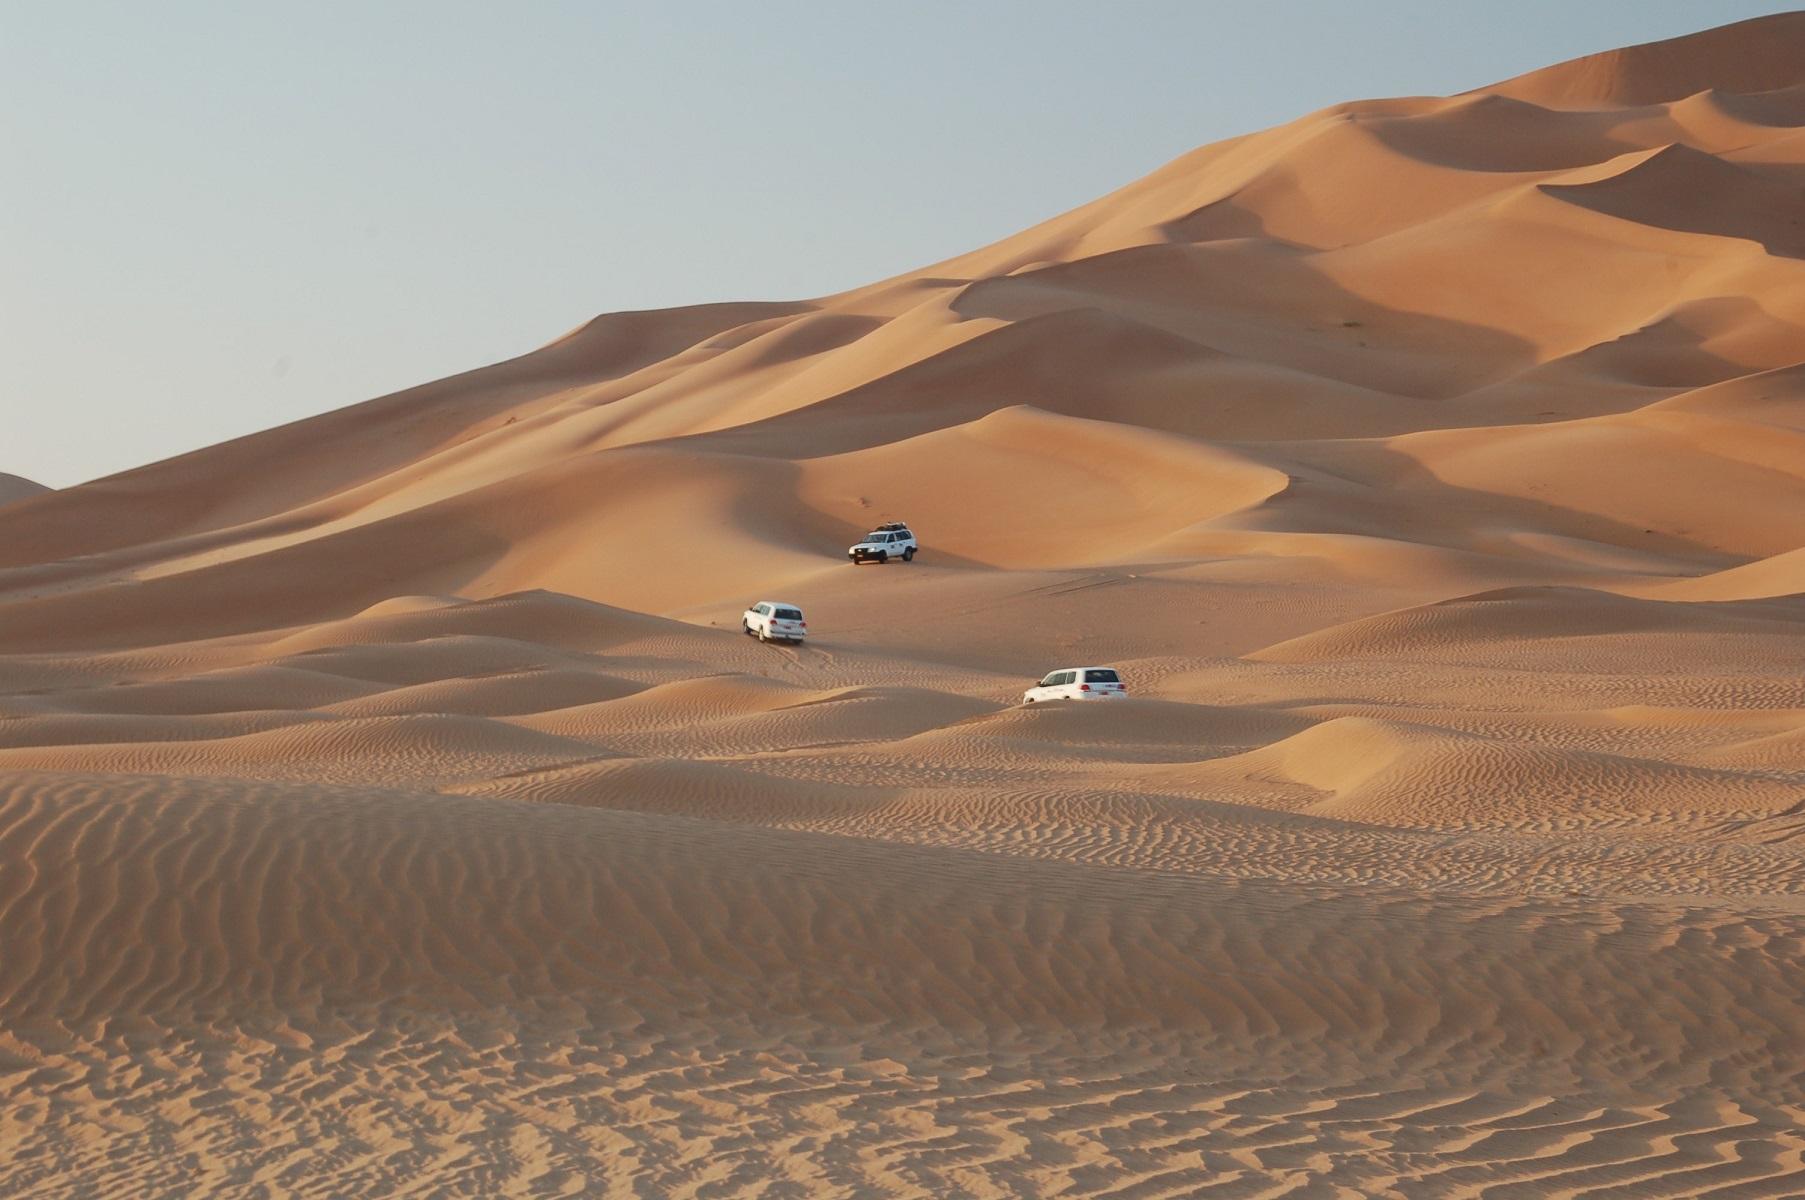 Oman - Die Dünen sind Riesig und das Fahren hier hat einen besonderen Reiz.